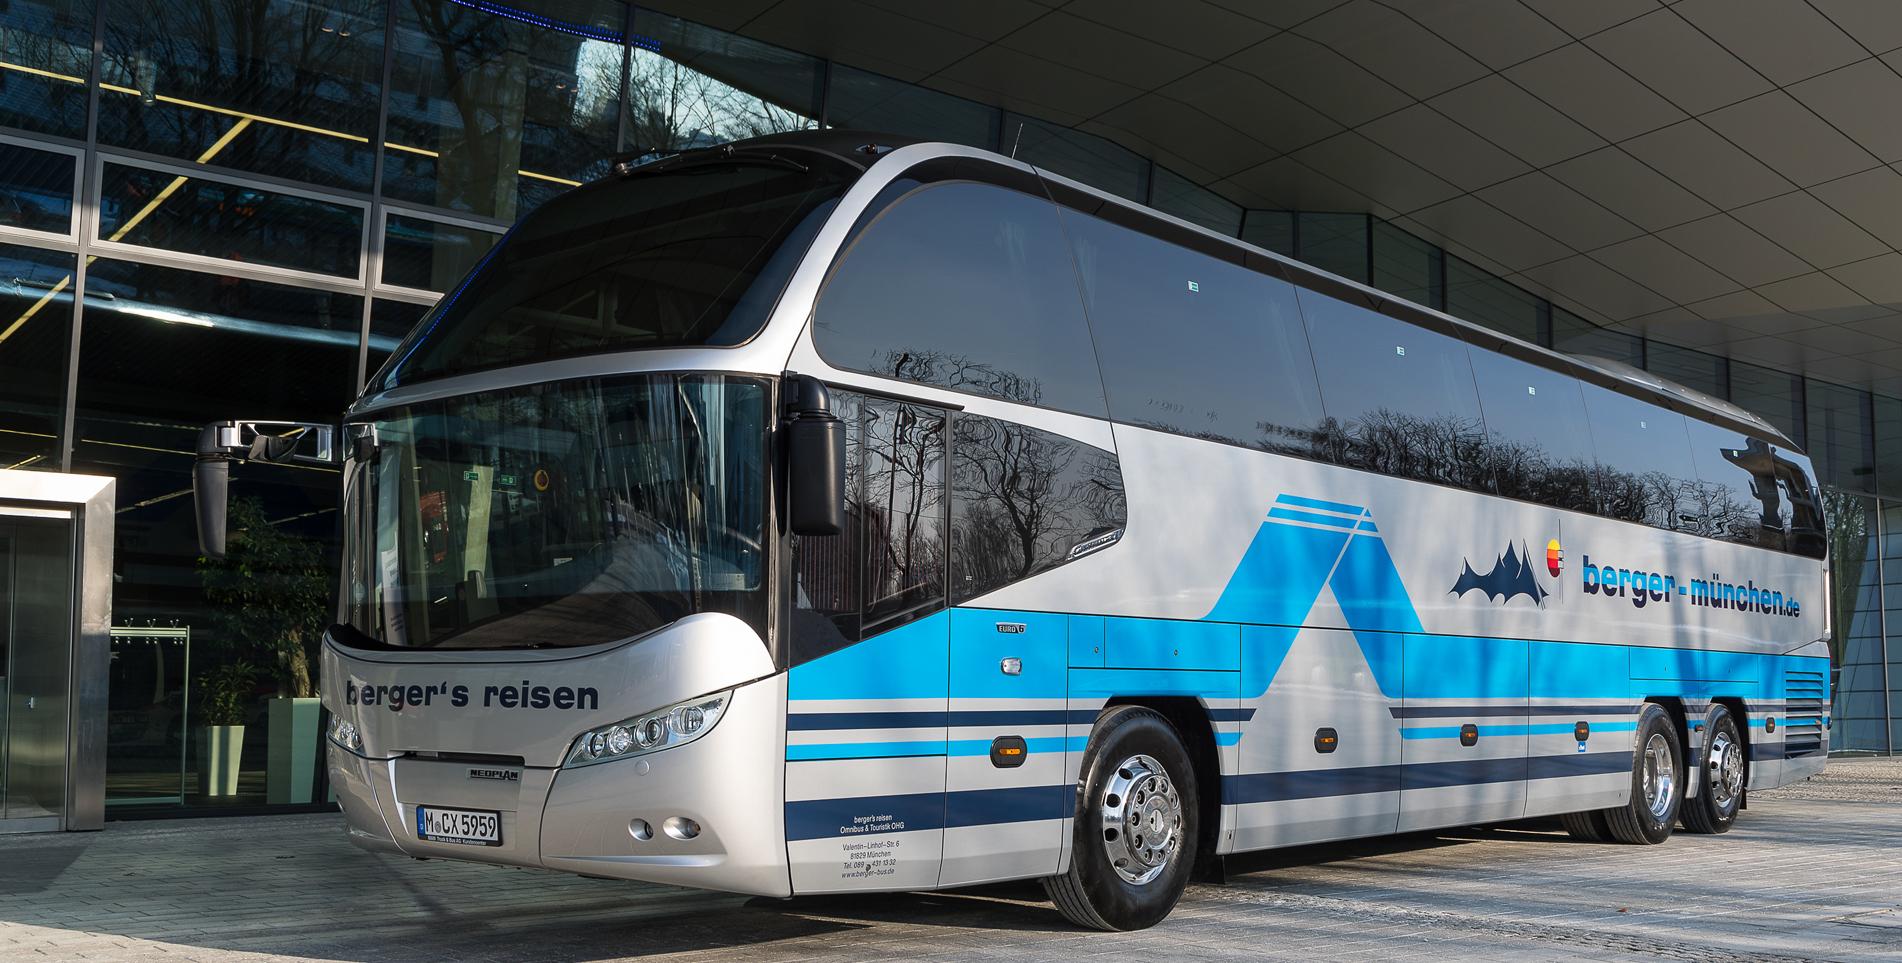 berger's reisen - Omnibus & Touristik oHG - Ihr Busunternehmen in München - Ausflüge, Events, Busanmietung, Shuttleservice und Linienverkehr